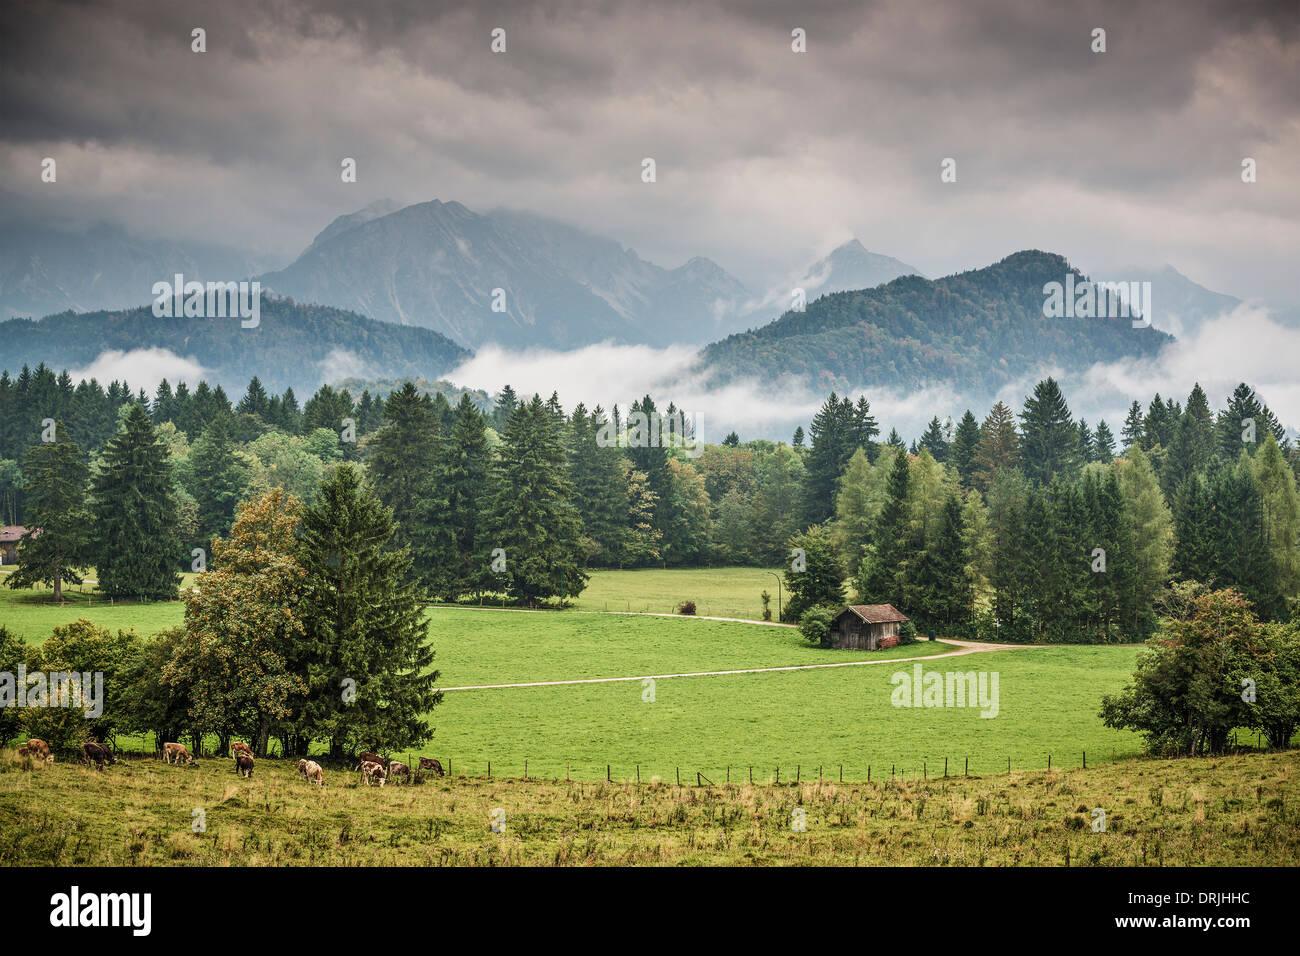 Les terres agricoles dans les Alpes bavaroises. Photo Stock